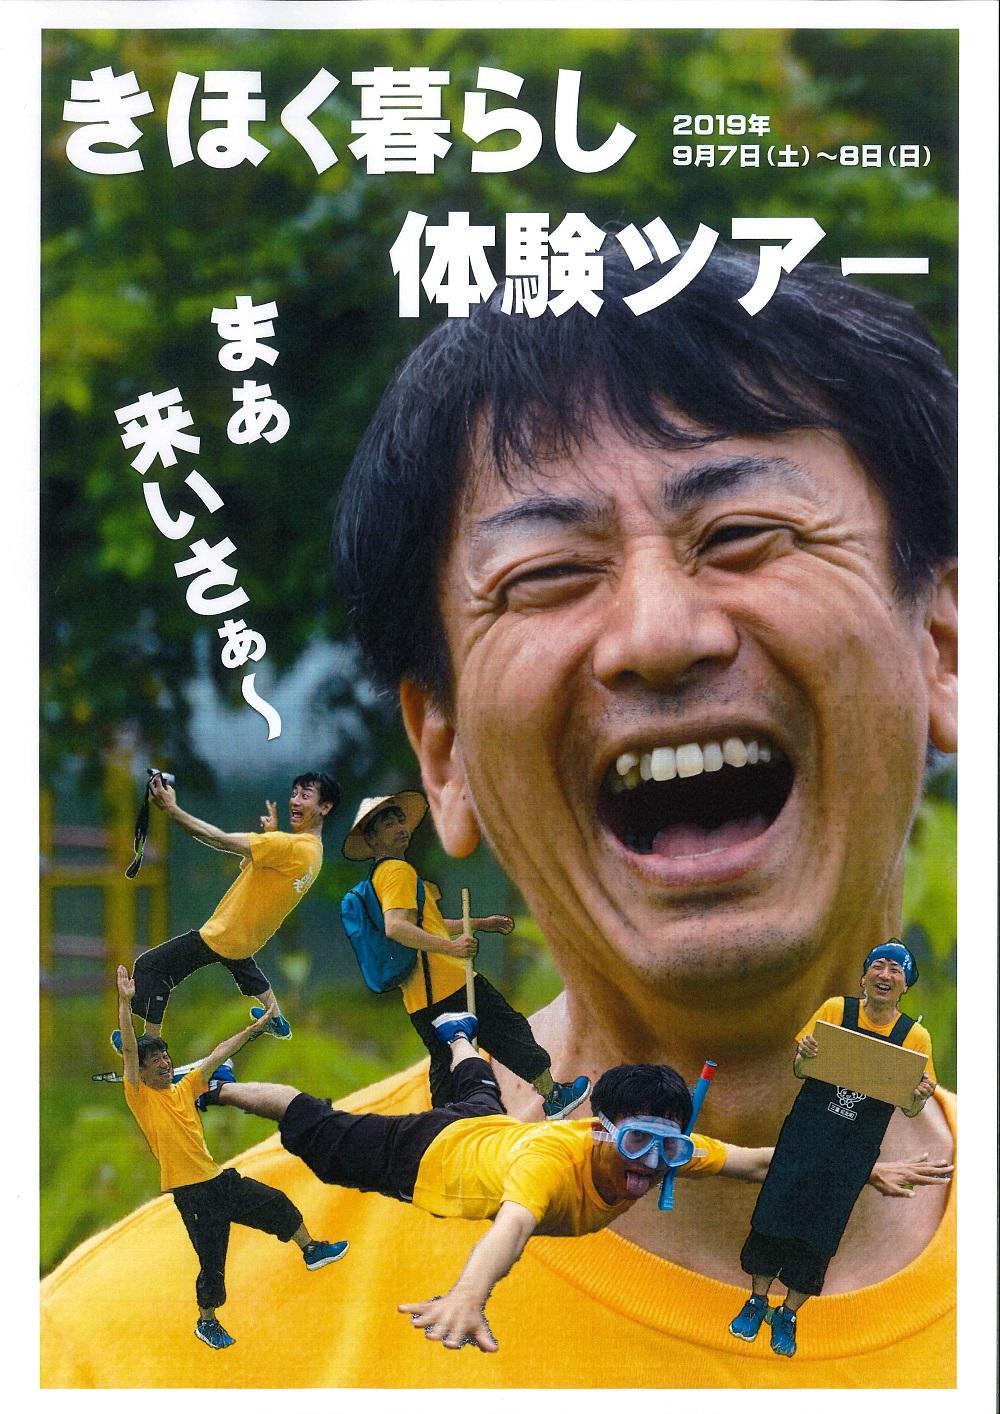 (終了しました)【9/7(土)~9/8(日)@紀北町】きほく暮らし体験ツアーを実施します。_写真1